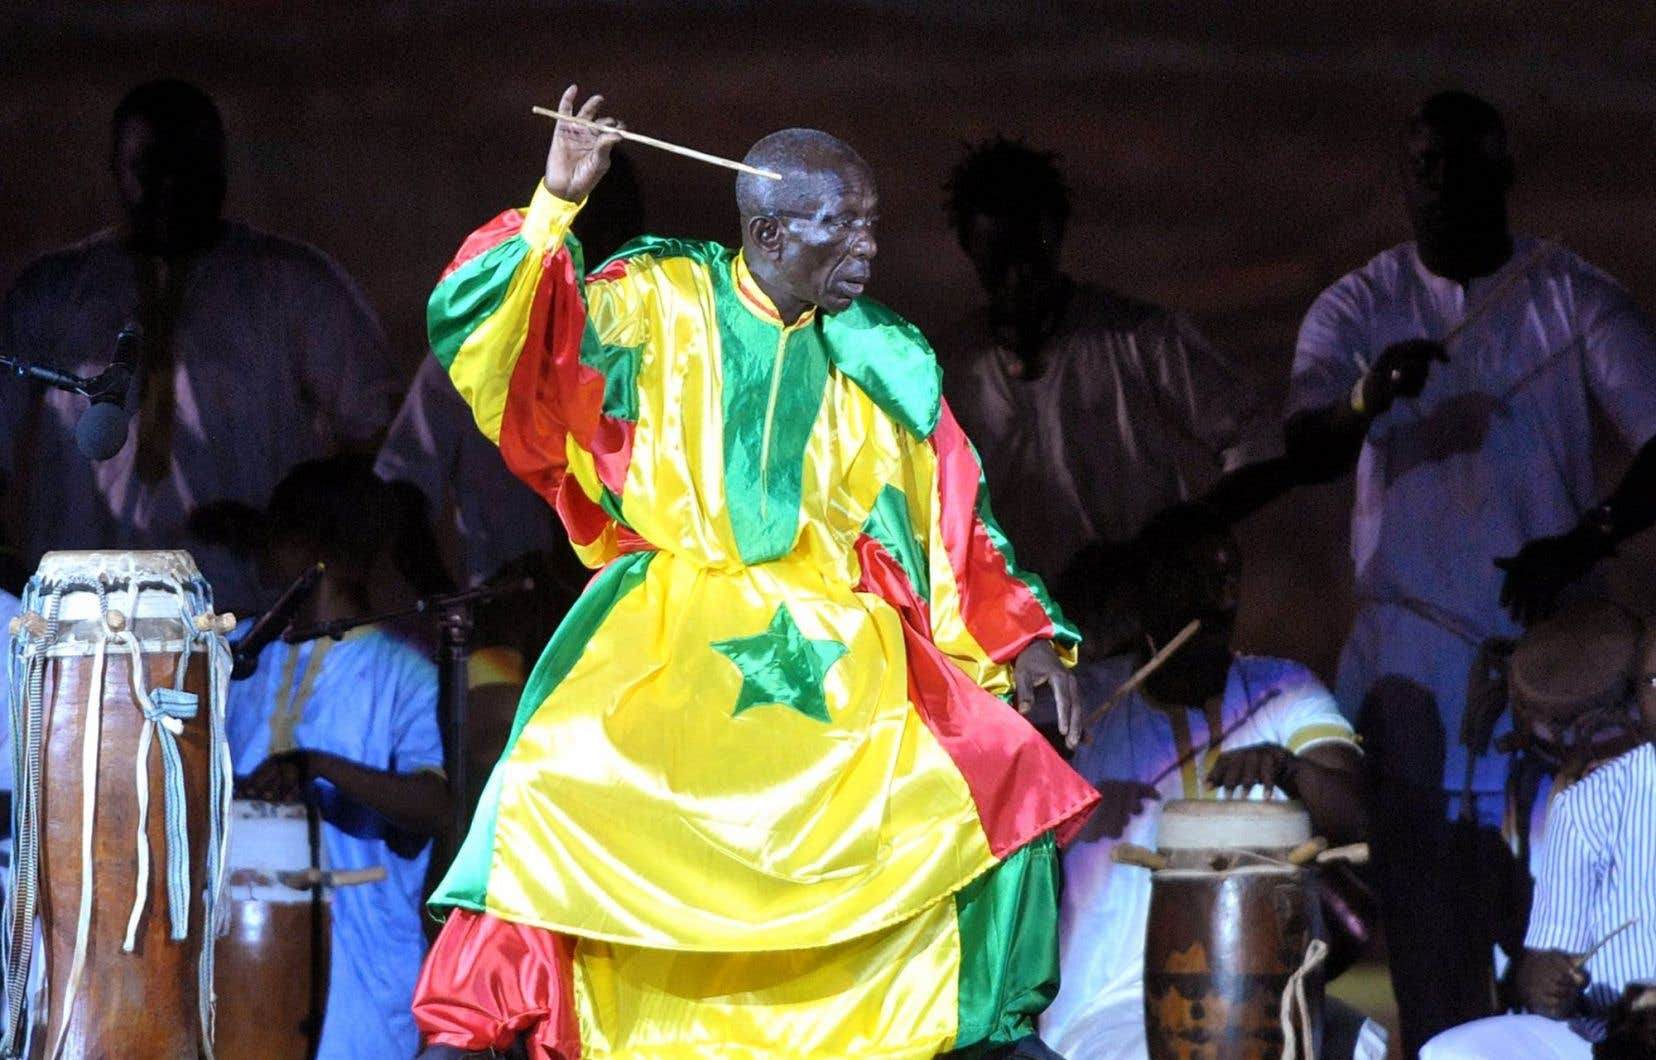 Doudou Ndiaye Rose lors d'un spectacle à Dakar, en décembre2010